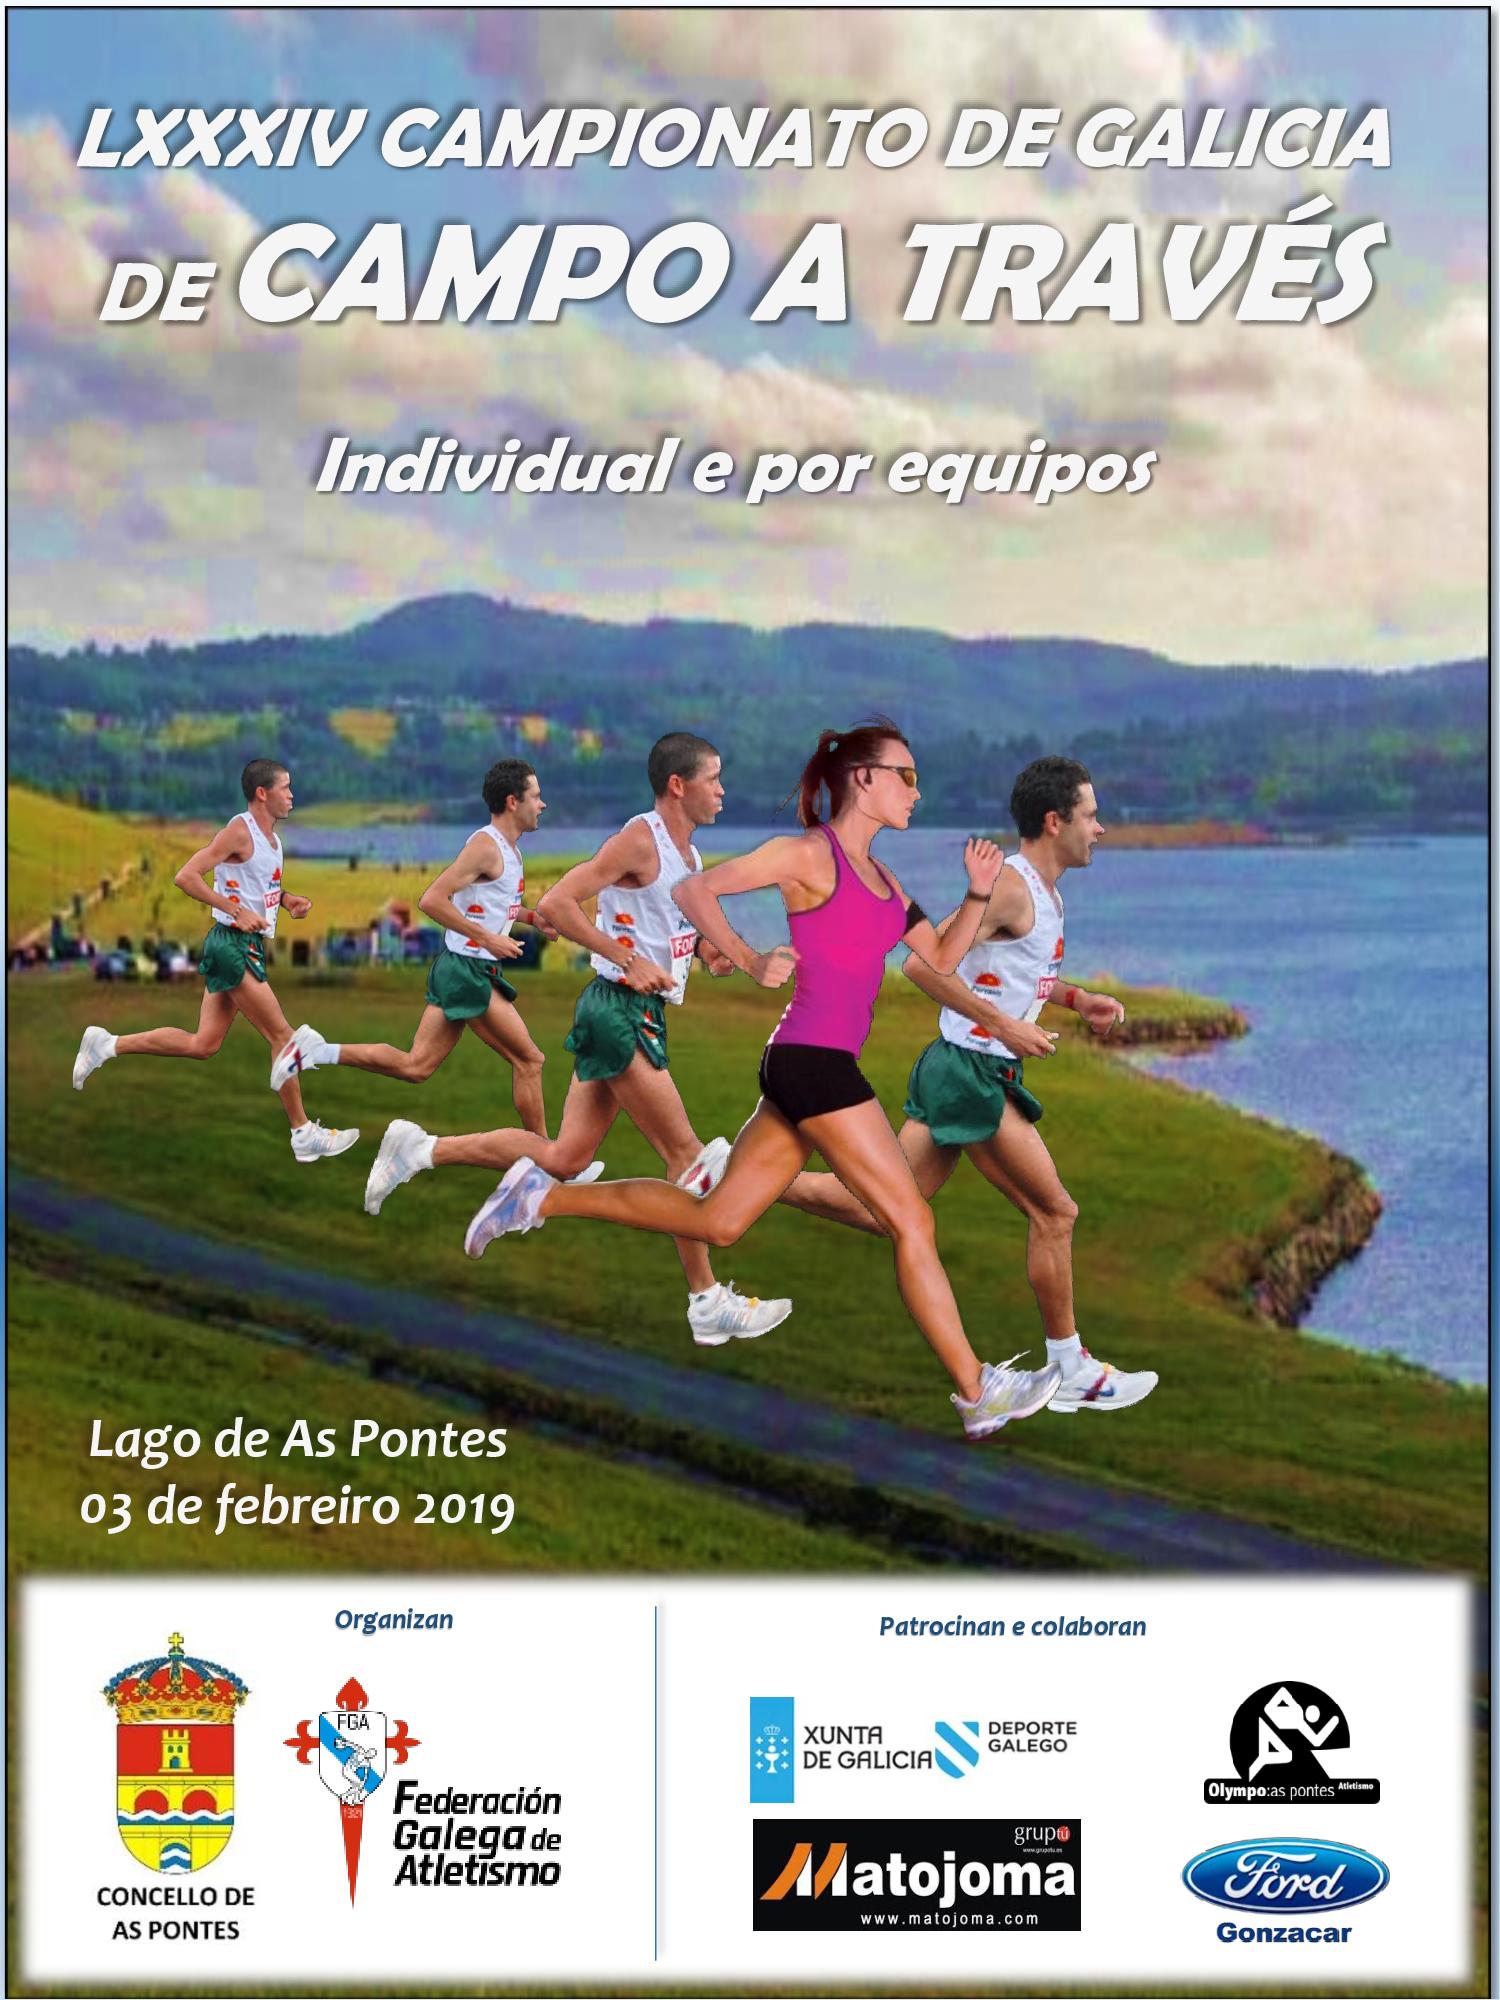 LXXXIV Campionato de Galicia Absoluto de Campo a Través Individual e Clubs